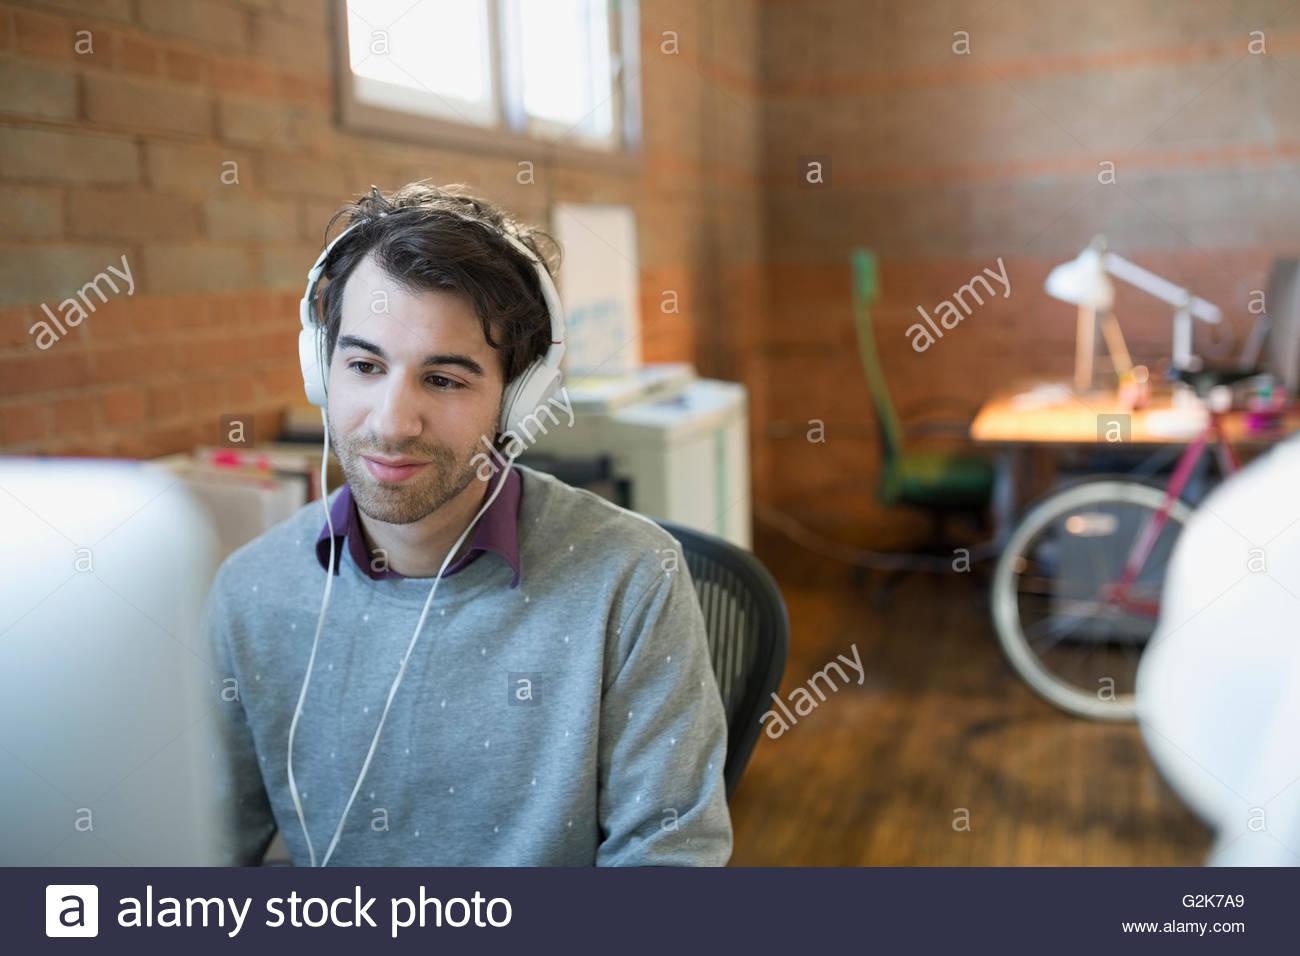 Diseñador con auriculares utilizando equipo de oficina Imagen De Stock